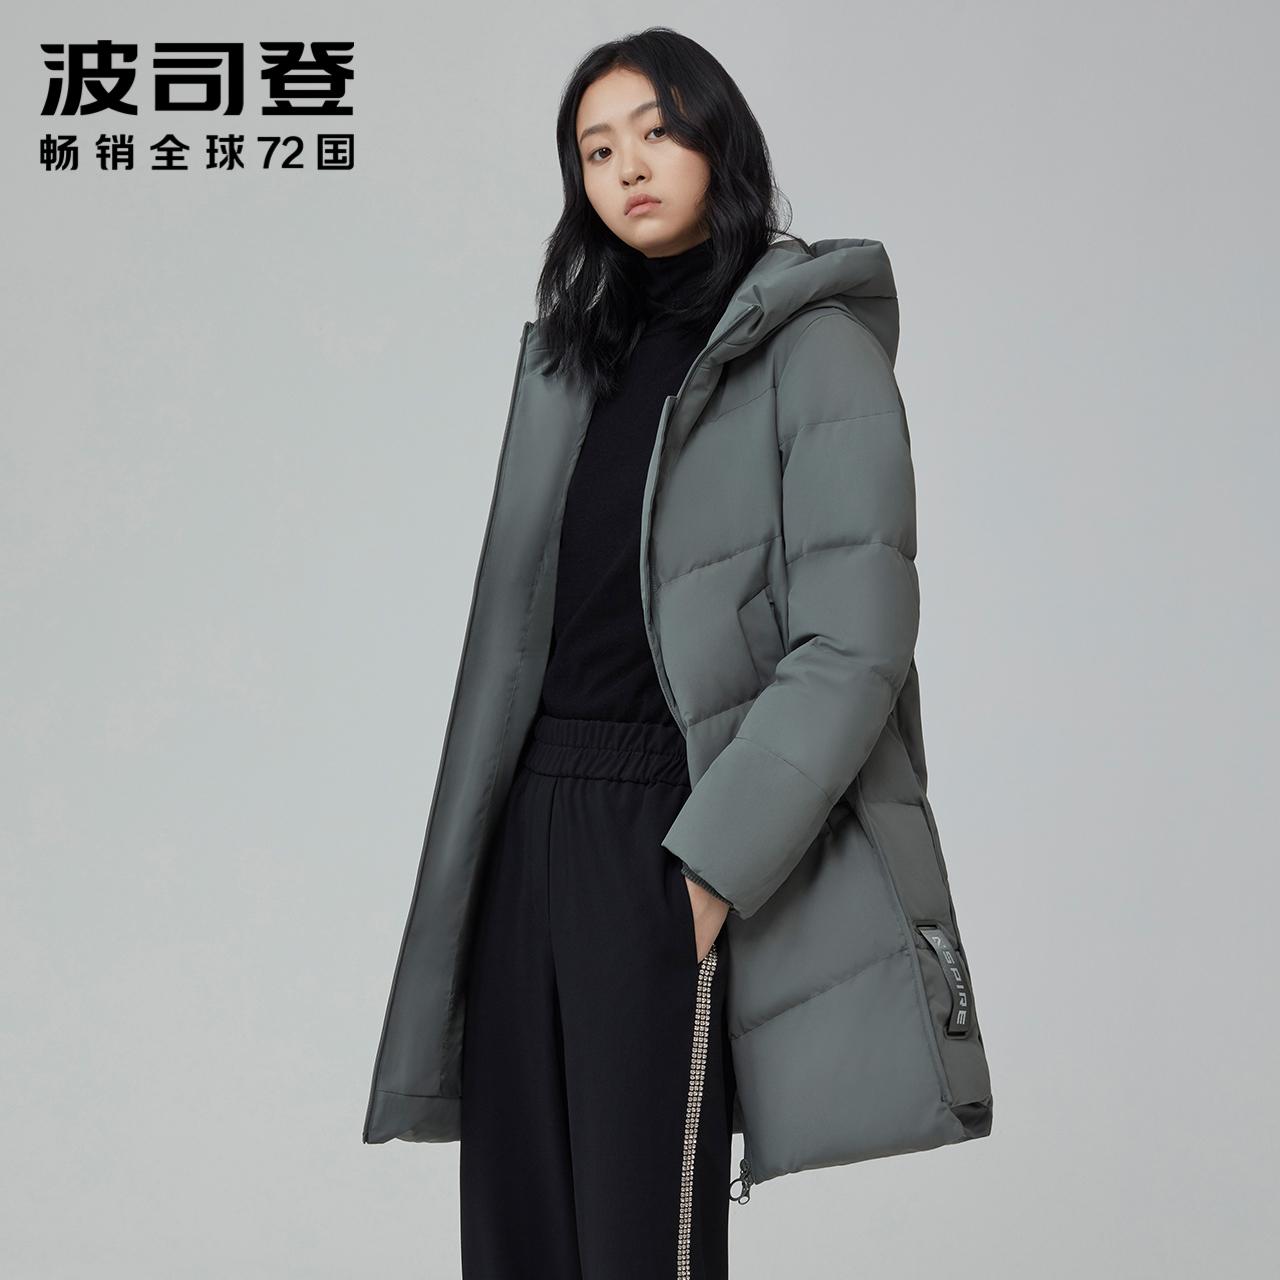 波司登新款女款羽绒服连帽时尚厚款保暖外套纯色防风